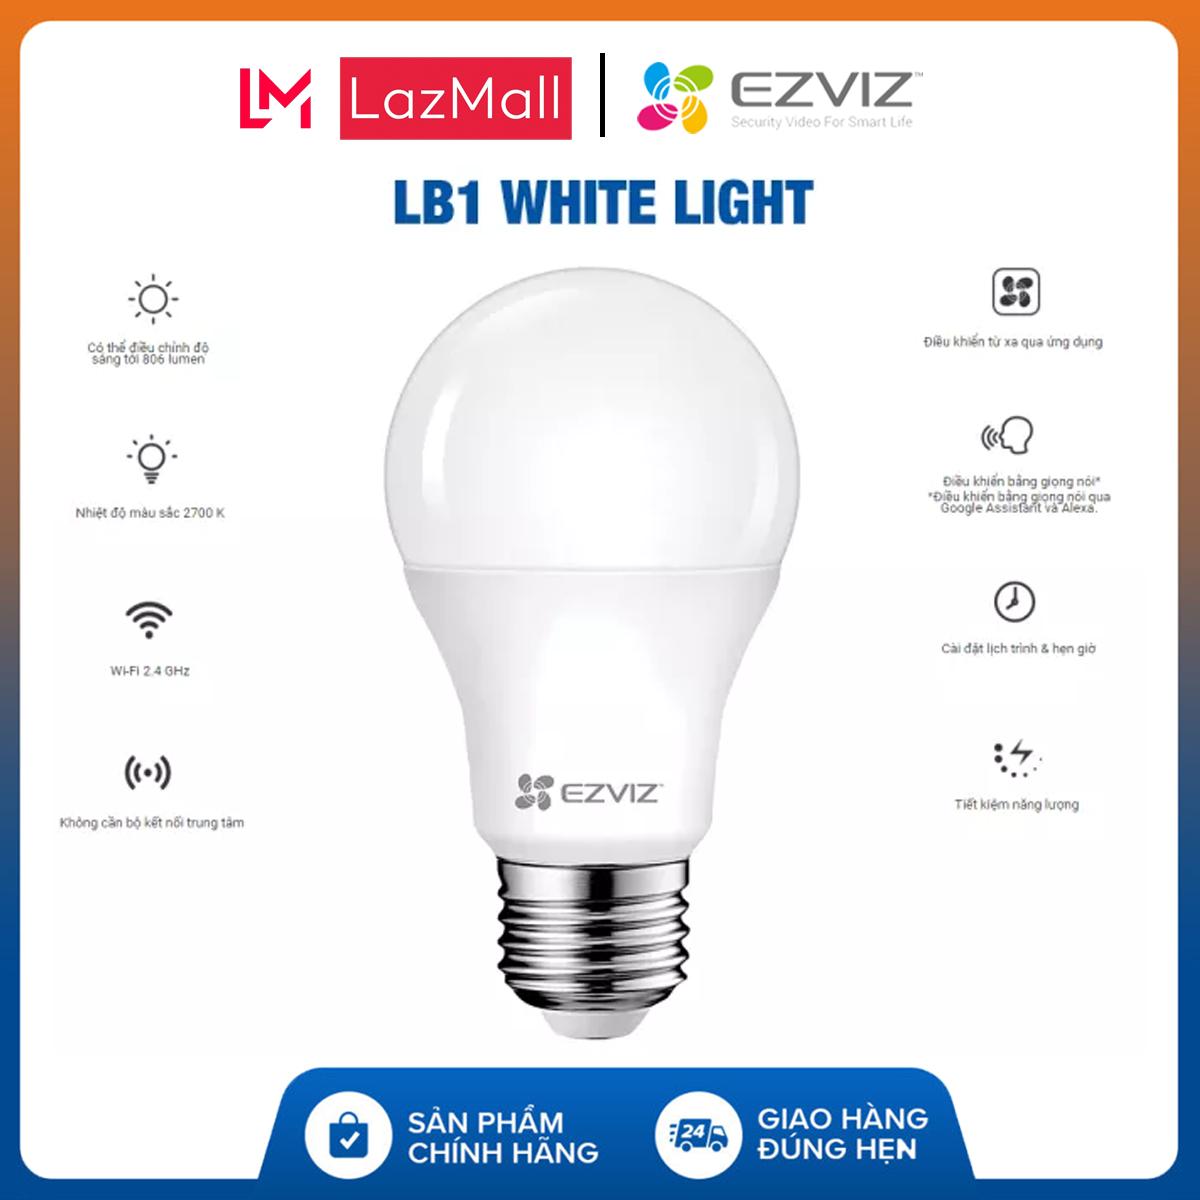 [EZVIZ CHÍNH HÃNG] Đèn LED thông minh EZVIZ CS-HAL-LB1-LWAW (LB1 White Light) – Ánh Sáng Vàng – EZVIZ Chính Hãng